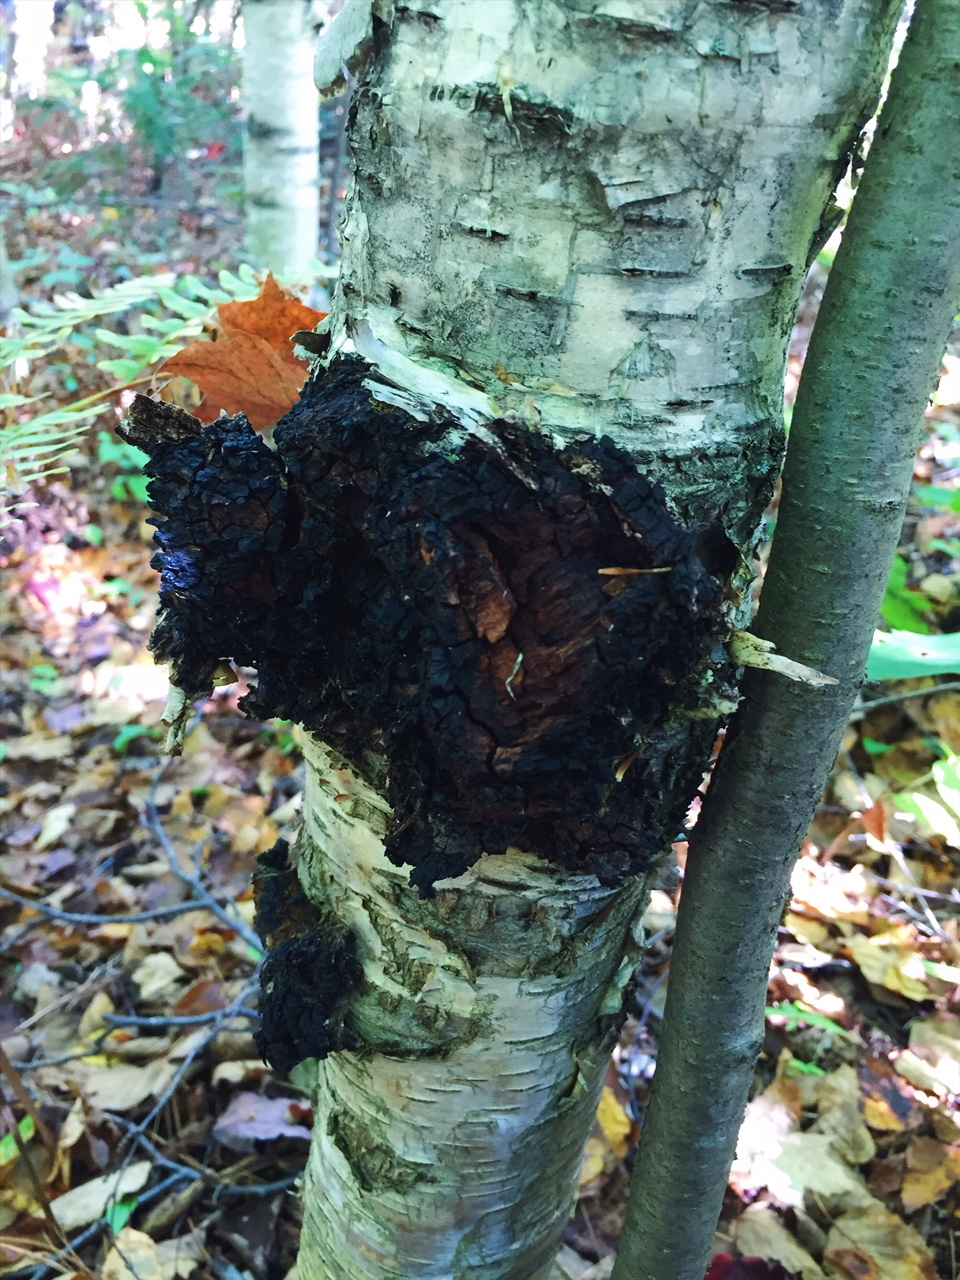 Wild Chaga growing on a birch tree in Northern Ontario, near Lake Kawagama.